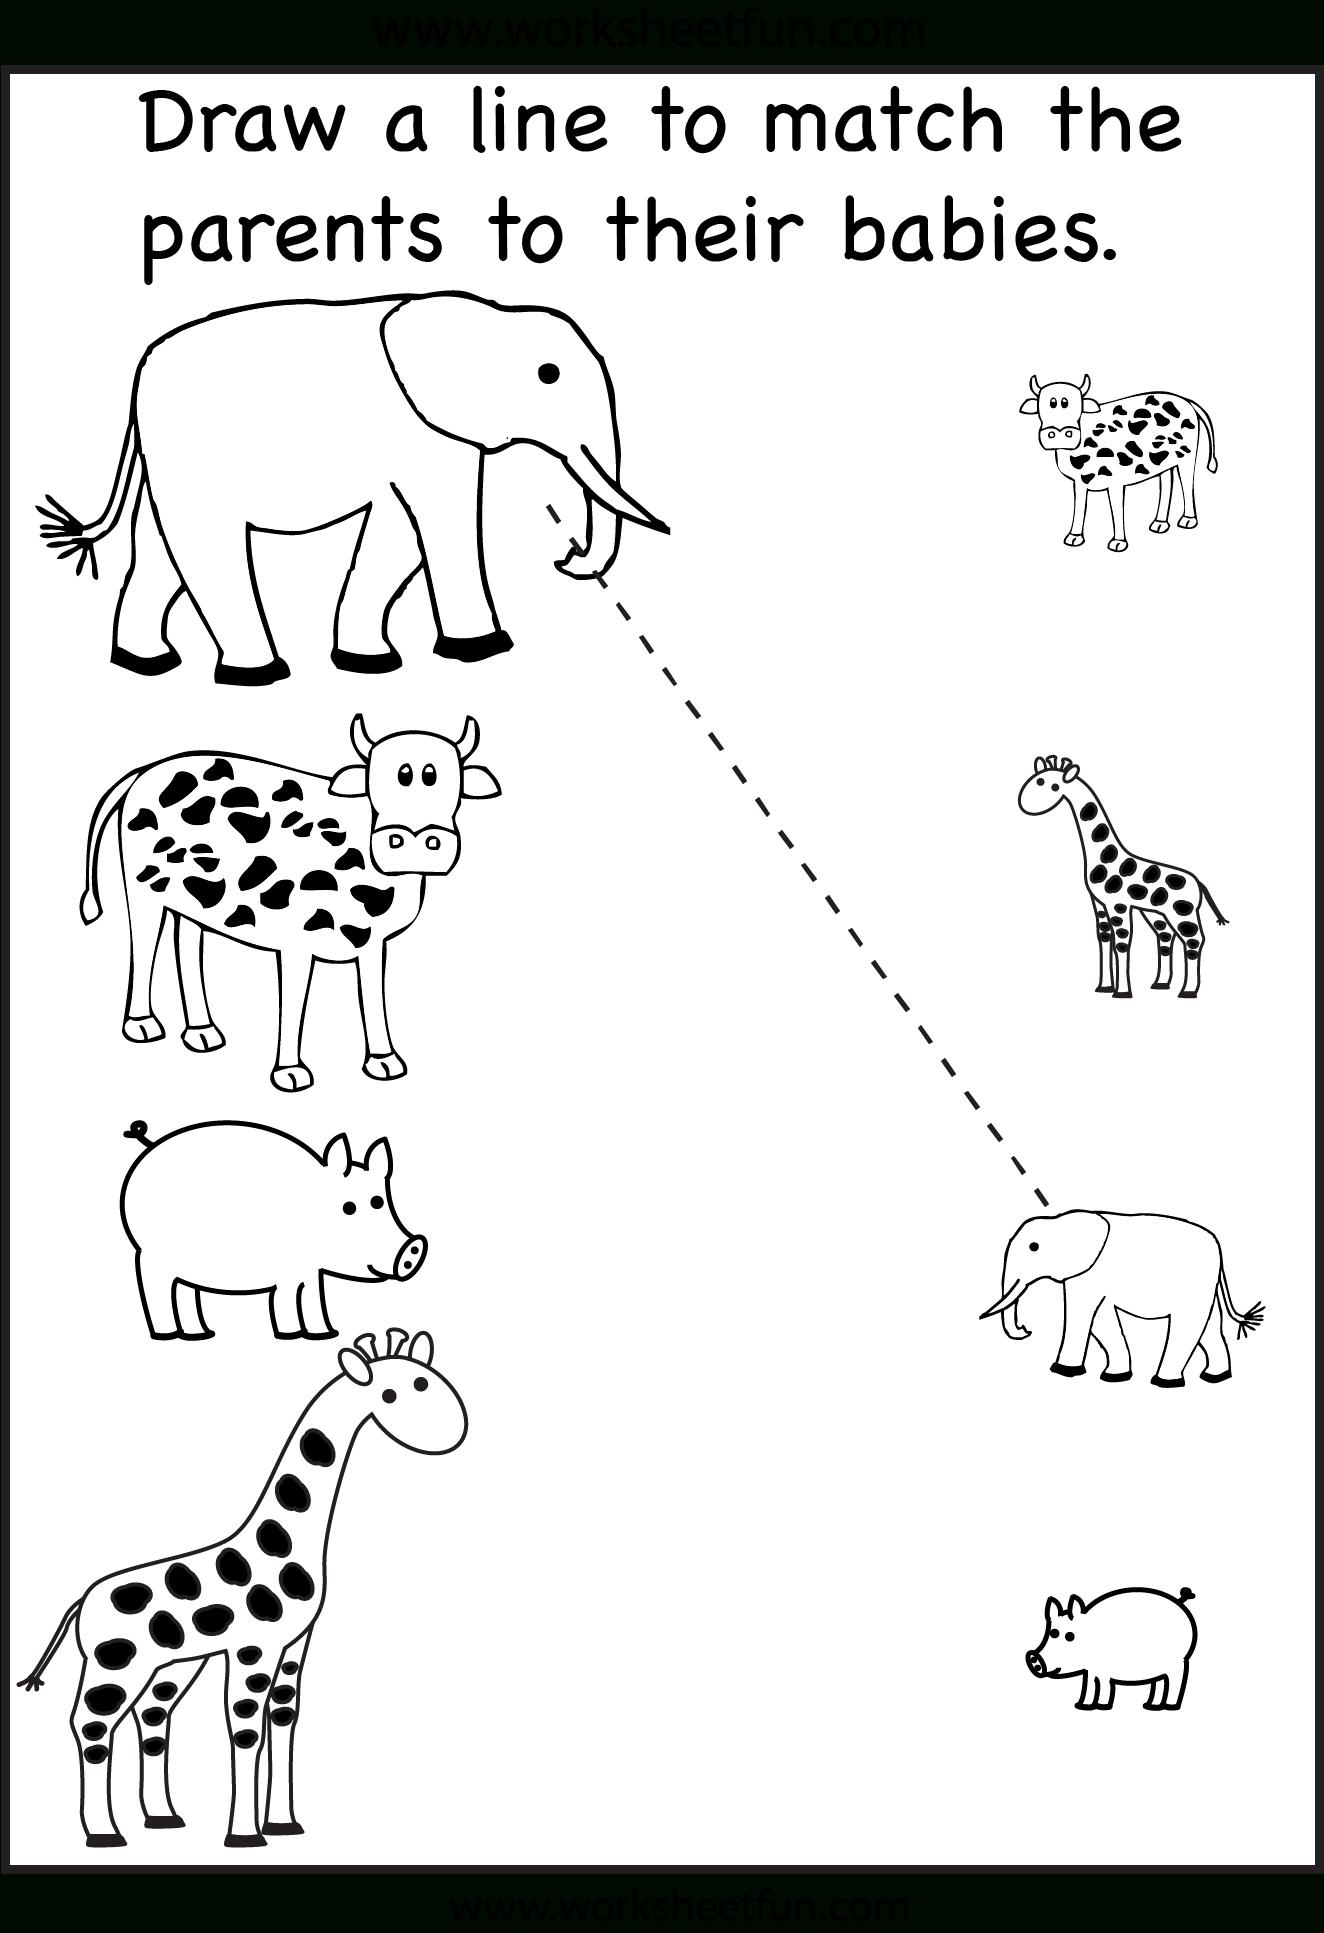 Preschool Matching Worksheets / Free Printable Worksheets – Worksheetfun - Free Printable Same And Different Worksheets